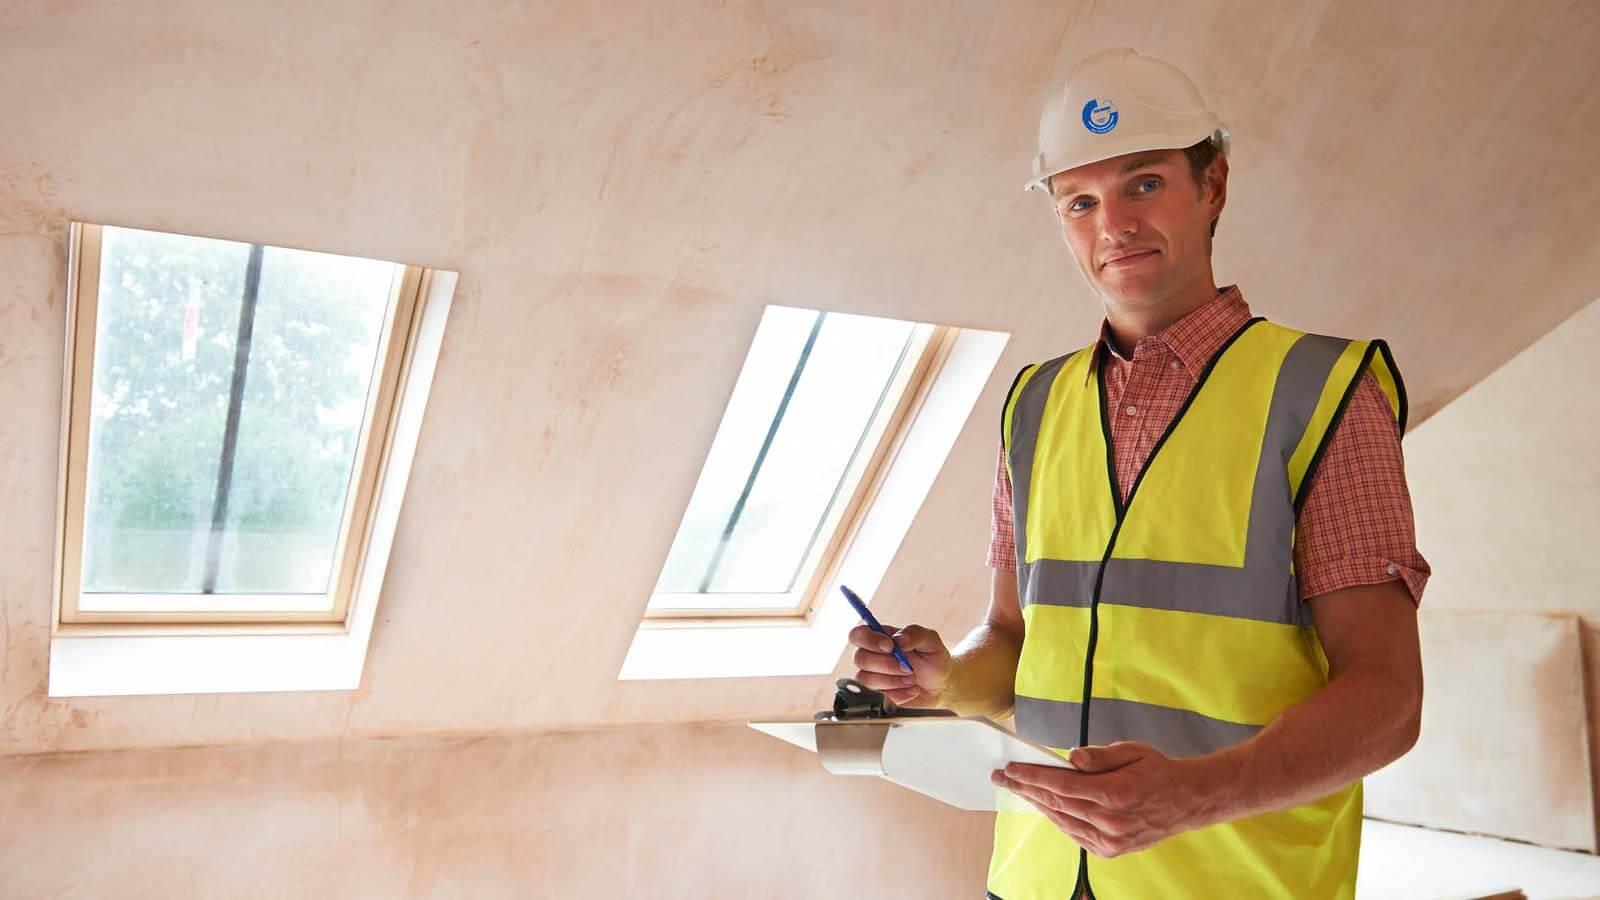 Leistung service siewert hausbau for Haus bauen 2016